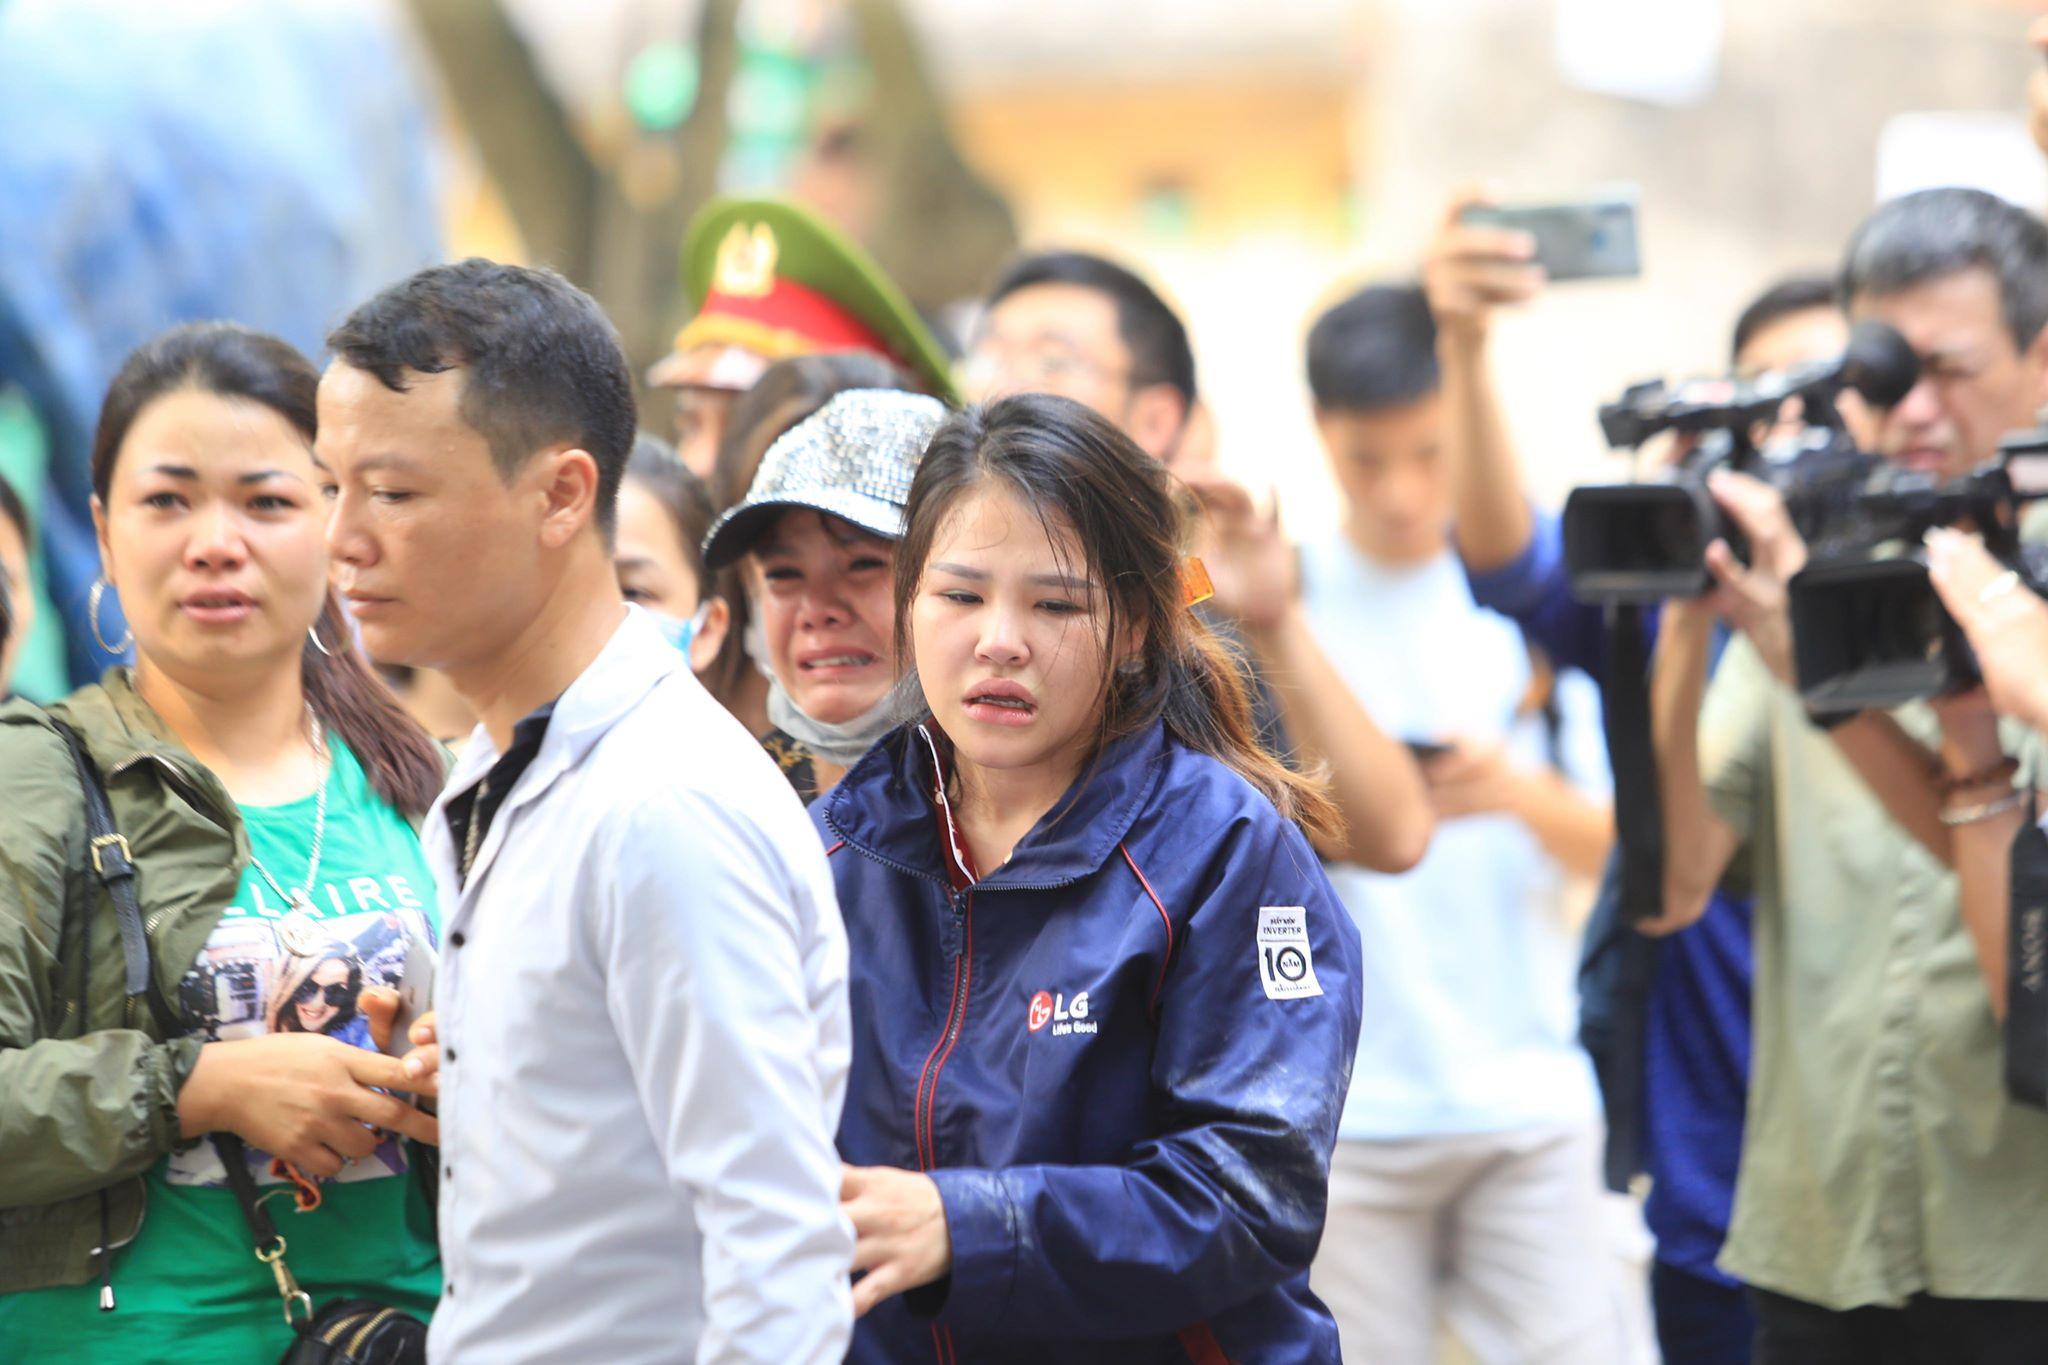 Vụ cháy xưởng ở Hà Nội: Nhói lòng hình ảnh các thi thể được bọc tạm trong chăn đưa ra ngoài - Ảnh 6